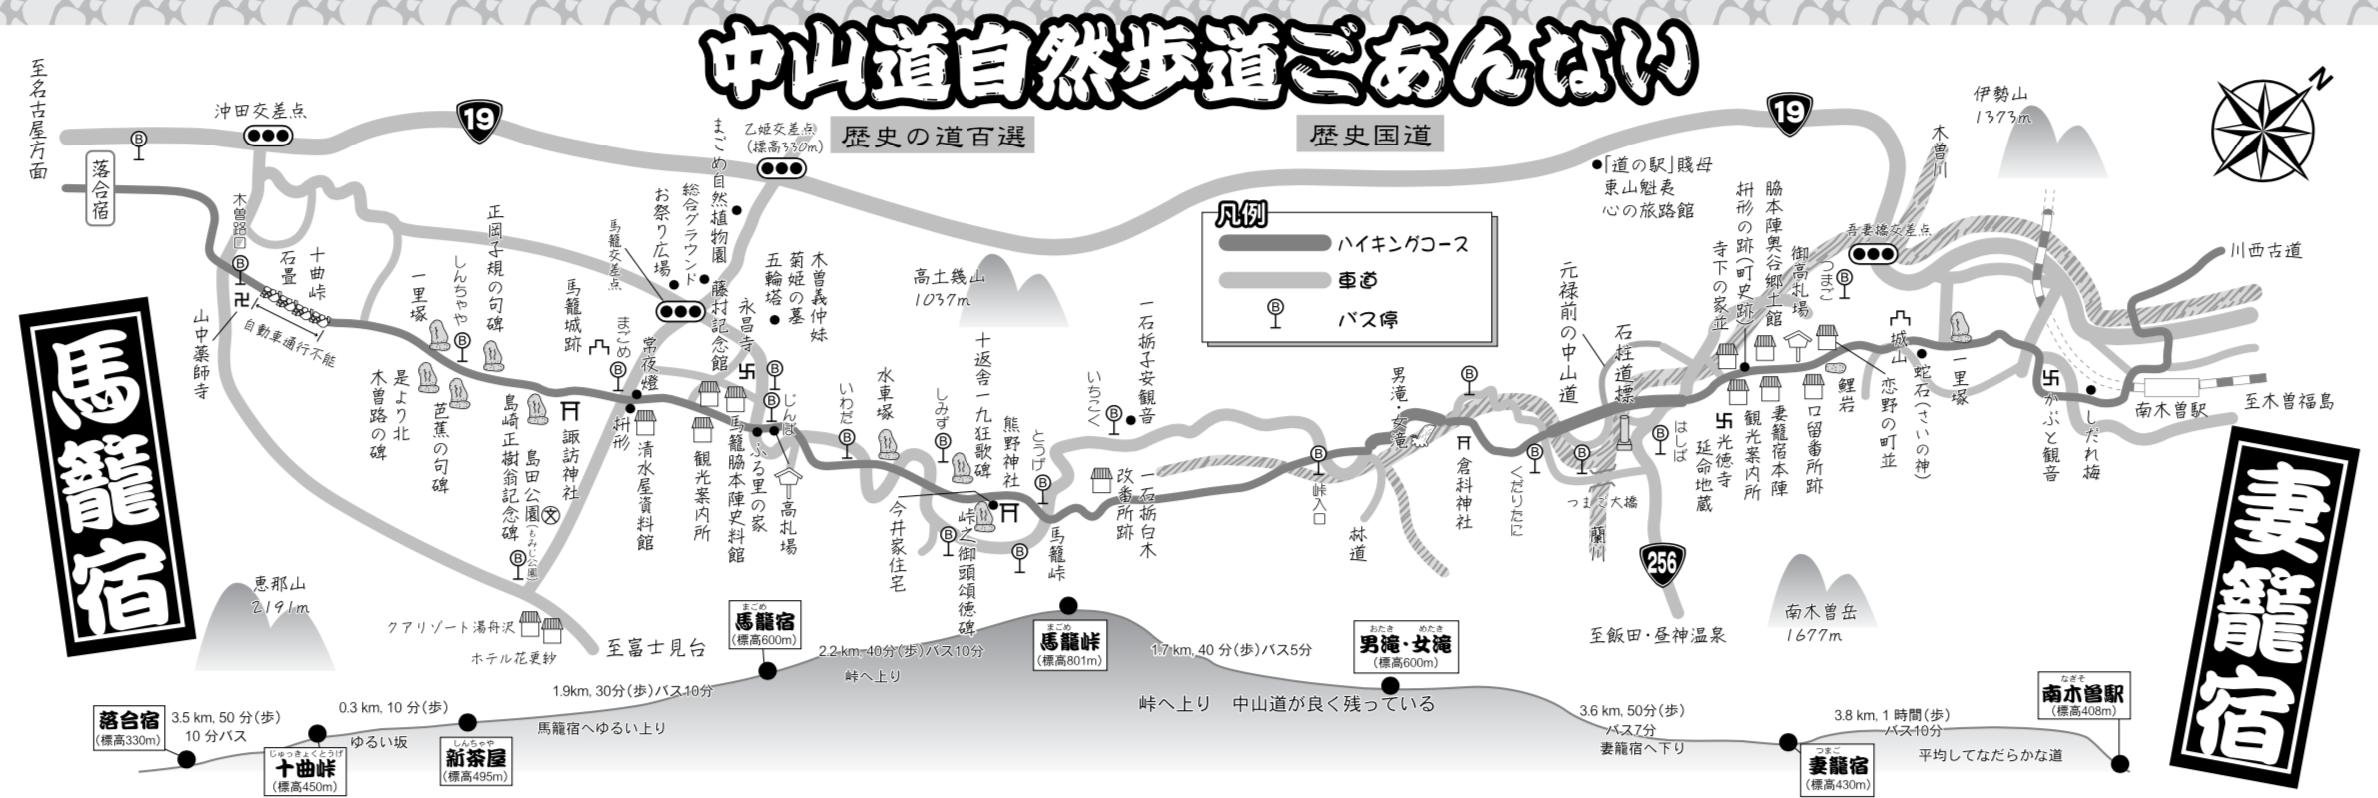 馬籠峠MAP